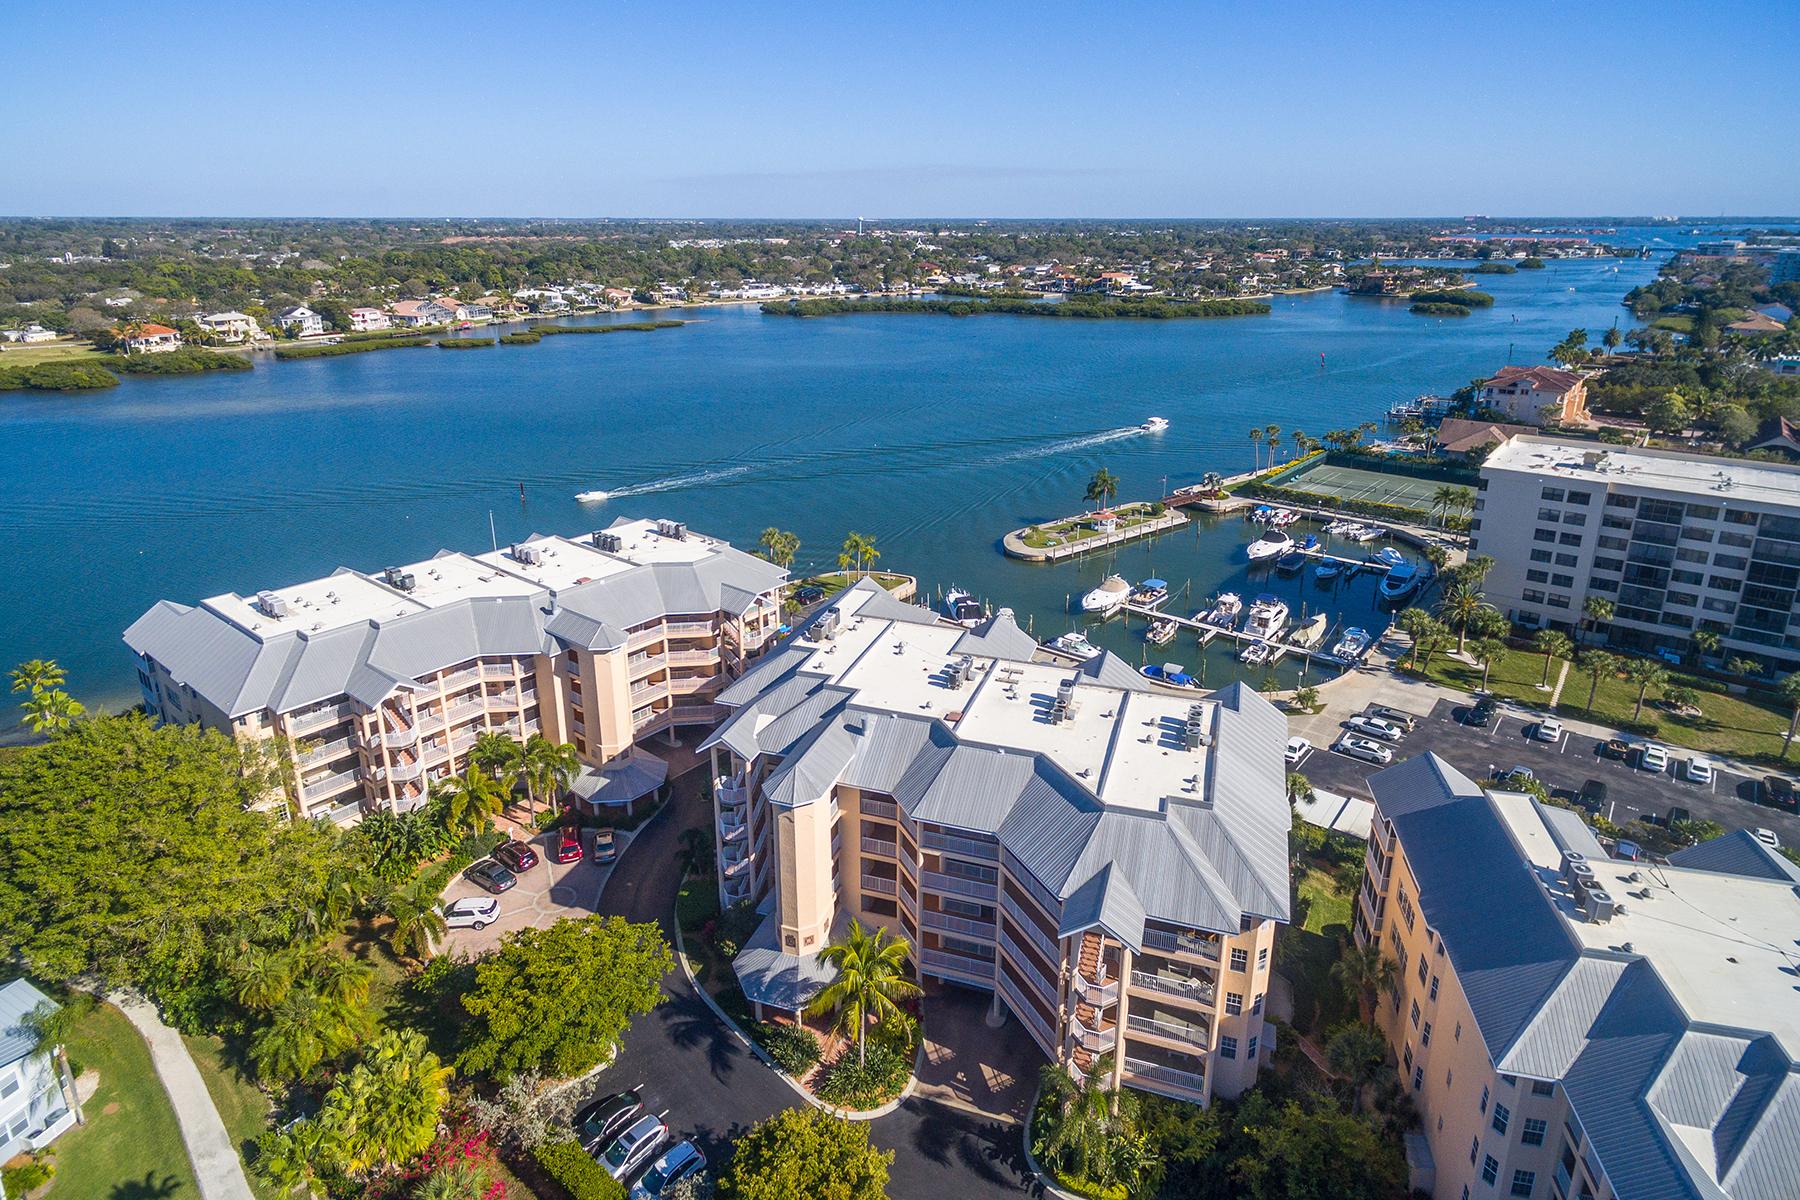 共管式独立产权公寓 为 销售 在 SIESTA KEY 1240 Dolphin Bay Way 201 萨拉索塔, 佛罗里达州, 34242 美国